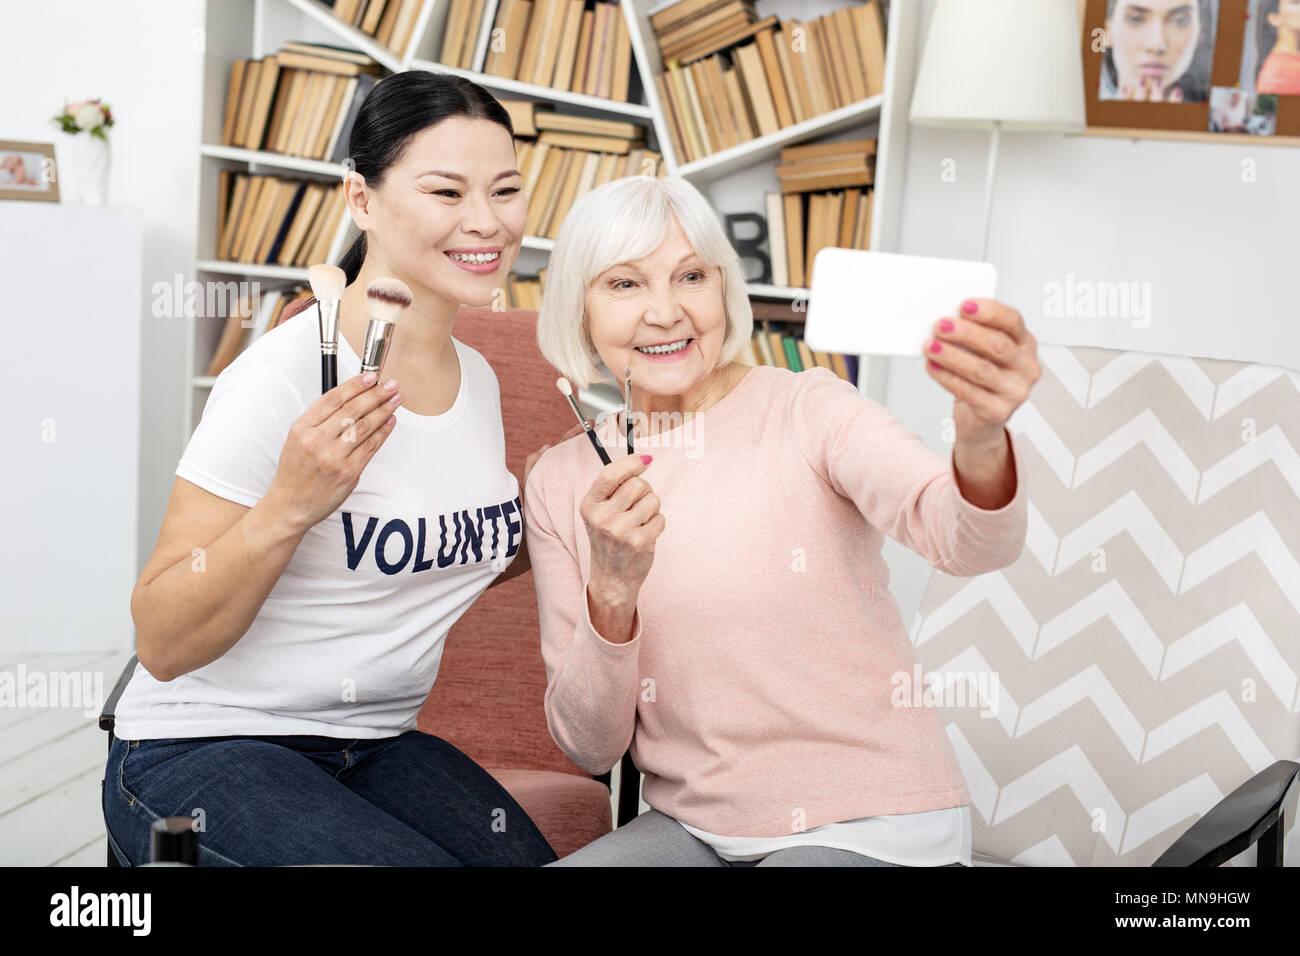 Voluntario y feliz mujer sonriente para selfie senior Imagen De Stock